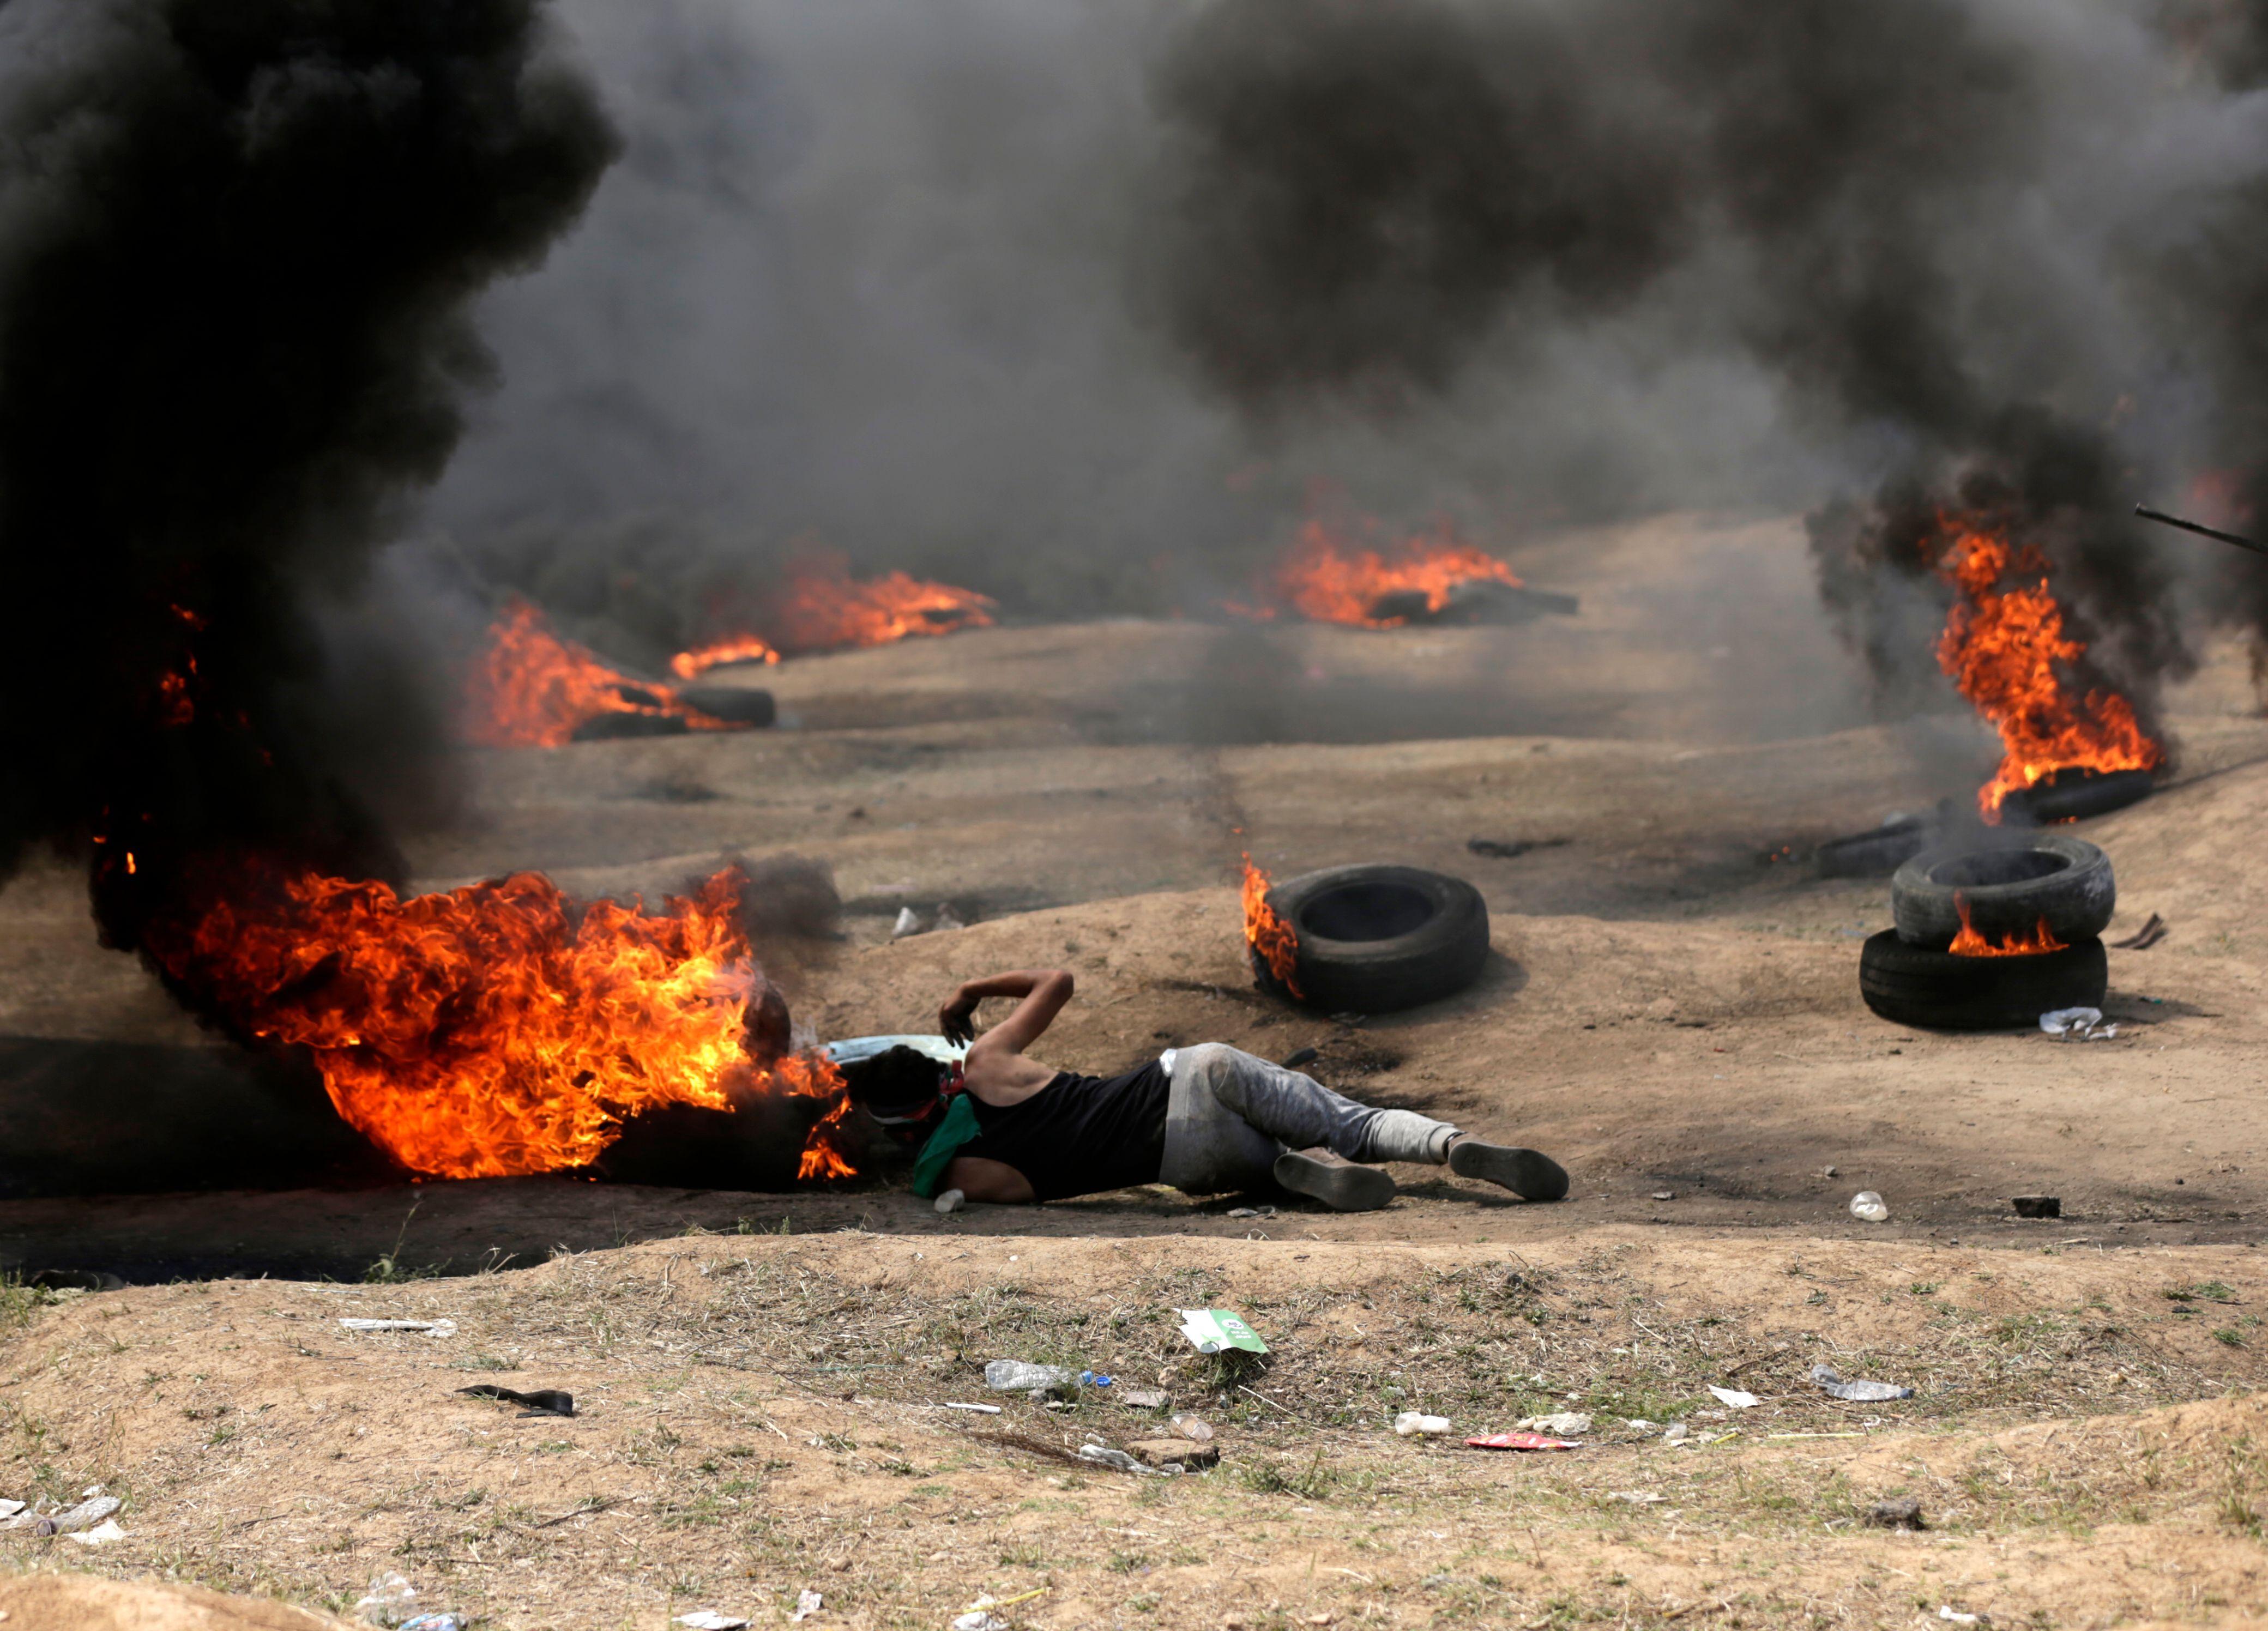 شاب فلسطينى مصاب وسط النيران فى قطاع غزة